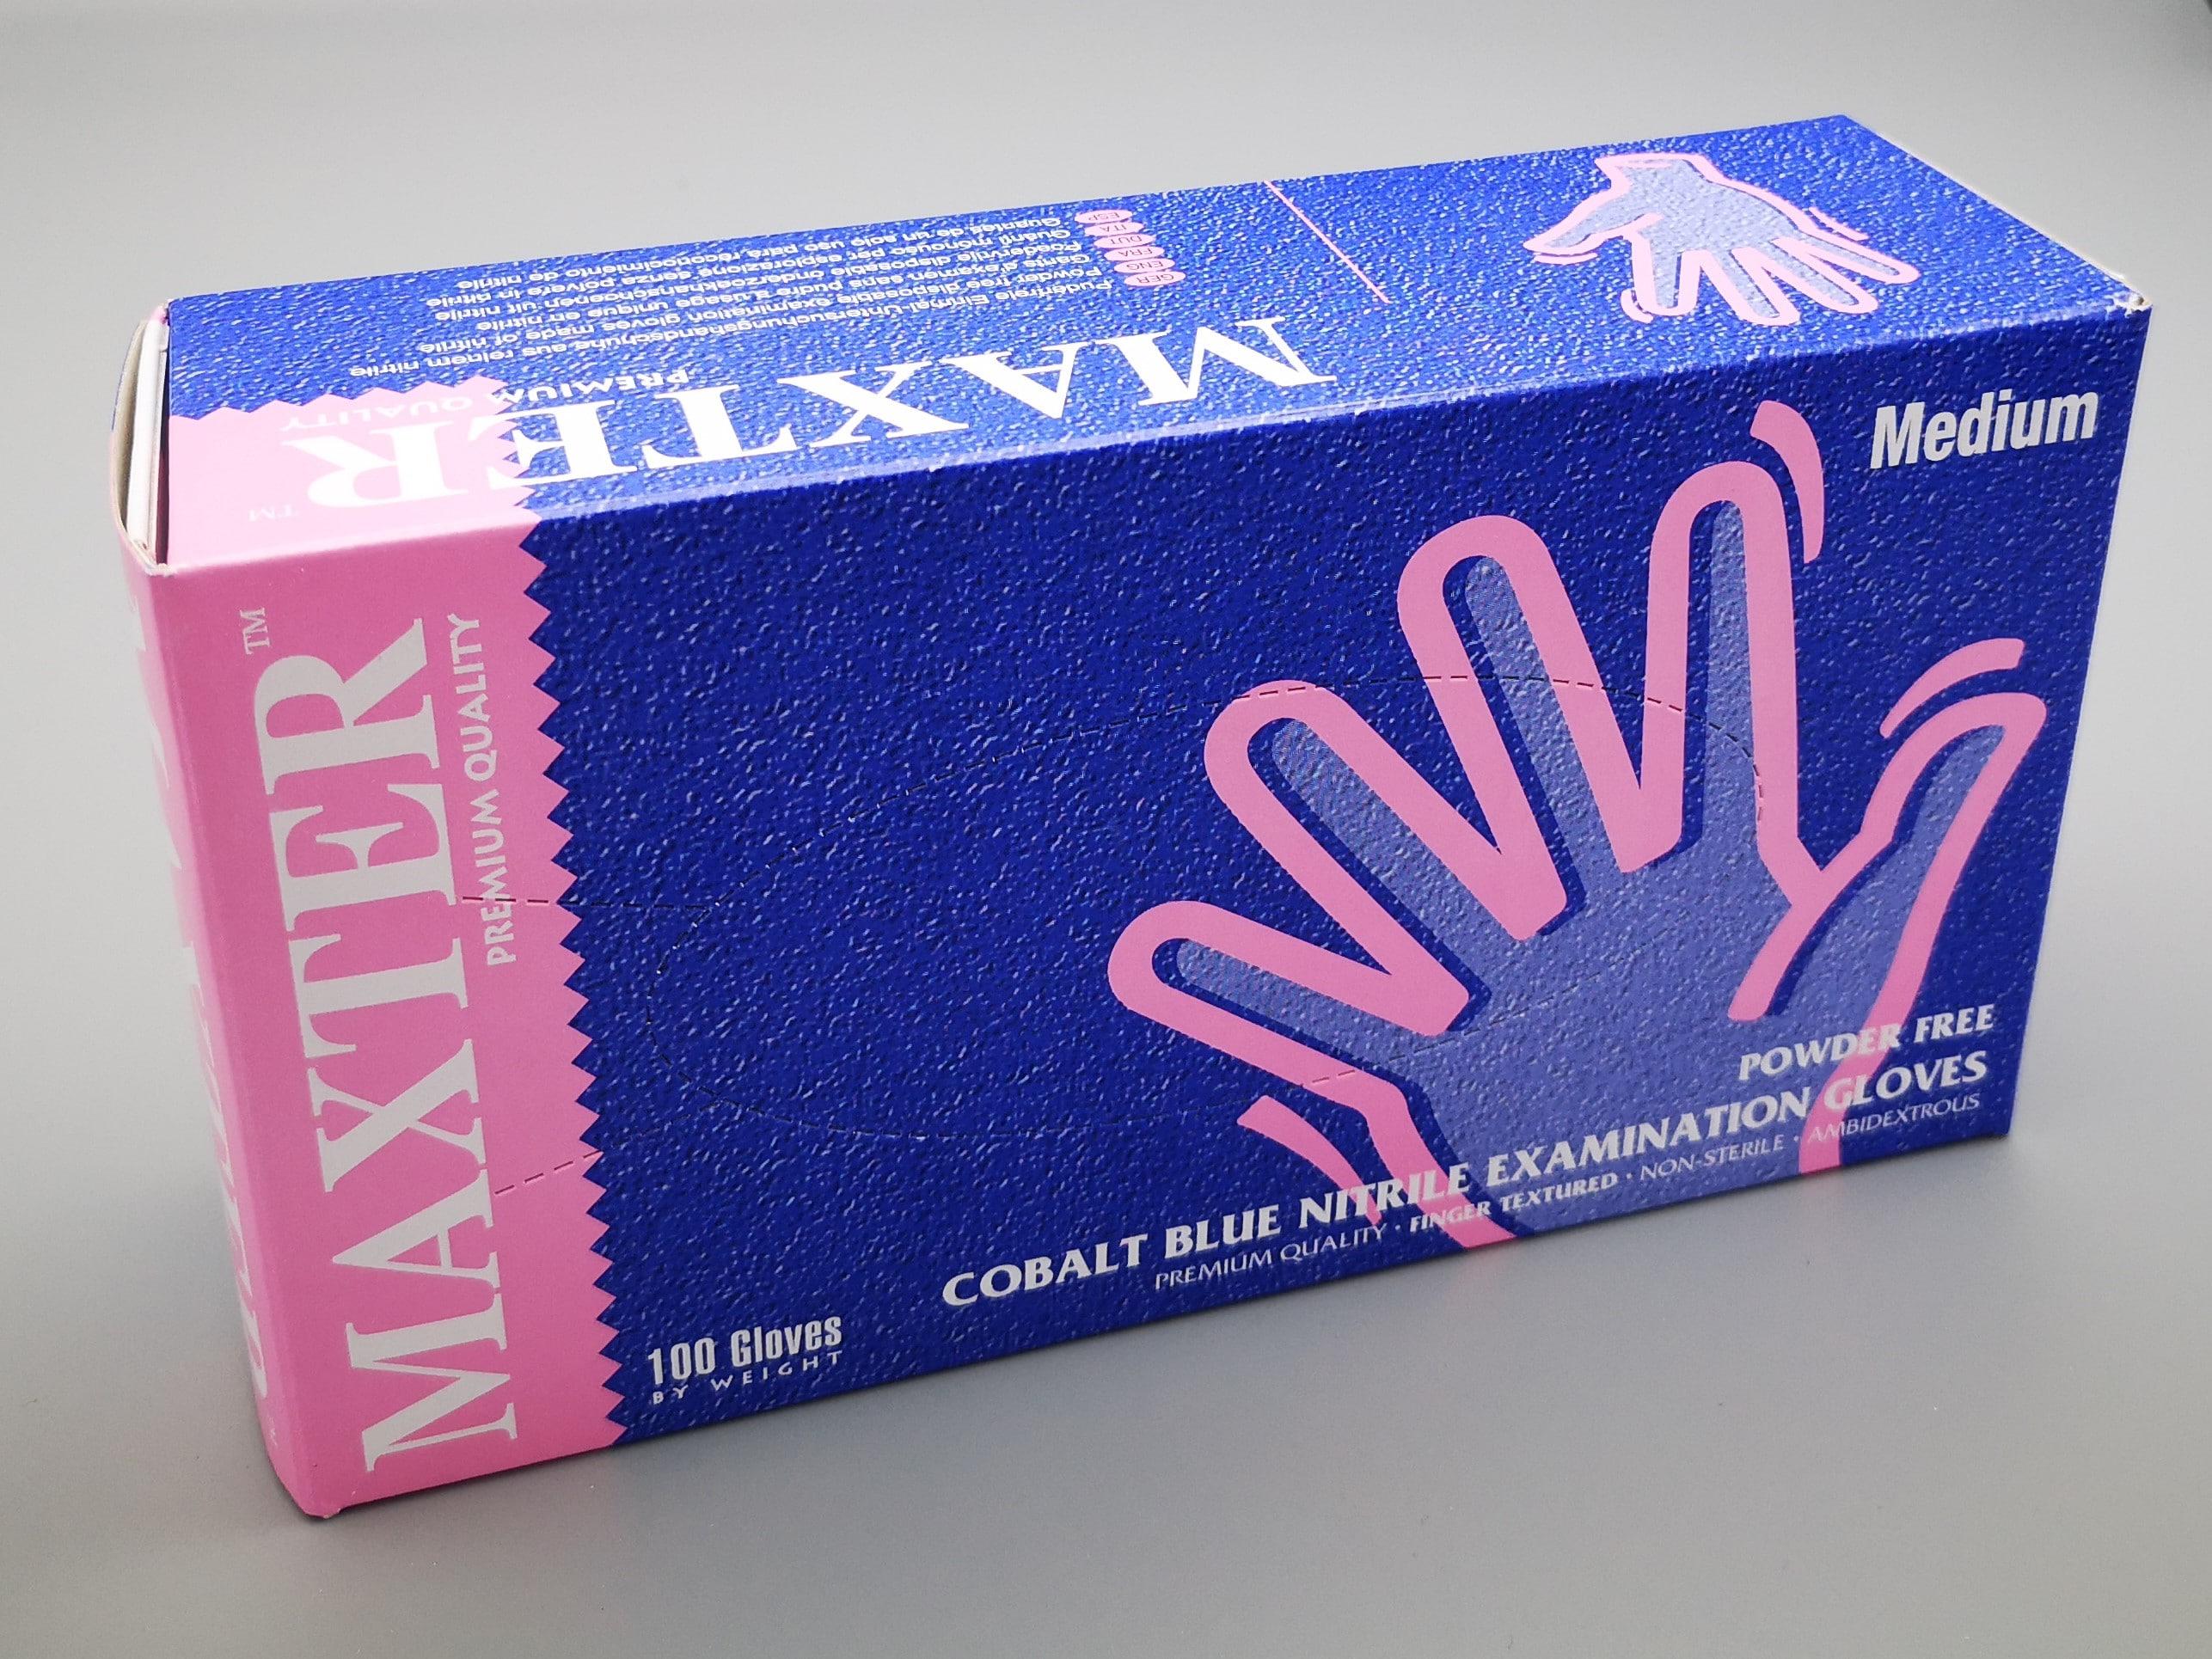 Gants Nitrile MAXTER non poudrés boîte de 100 pièces